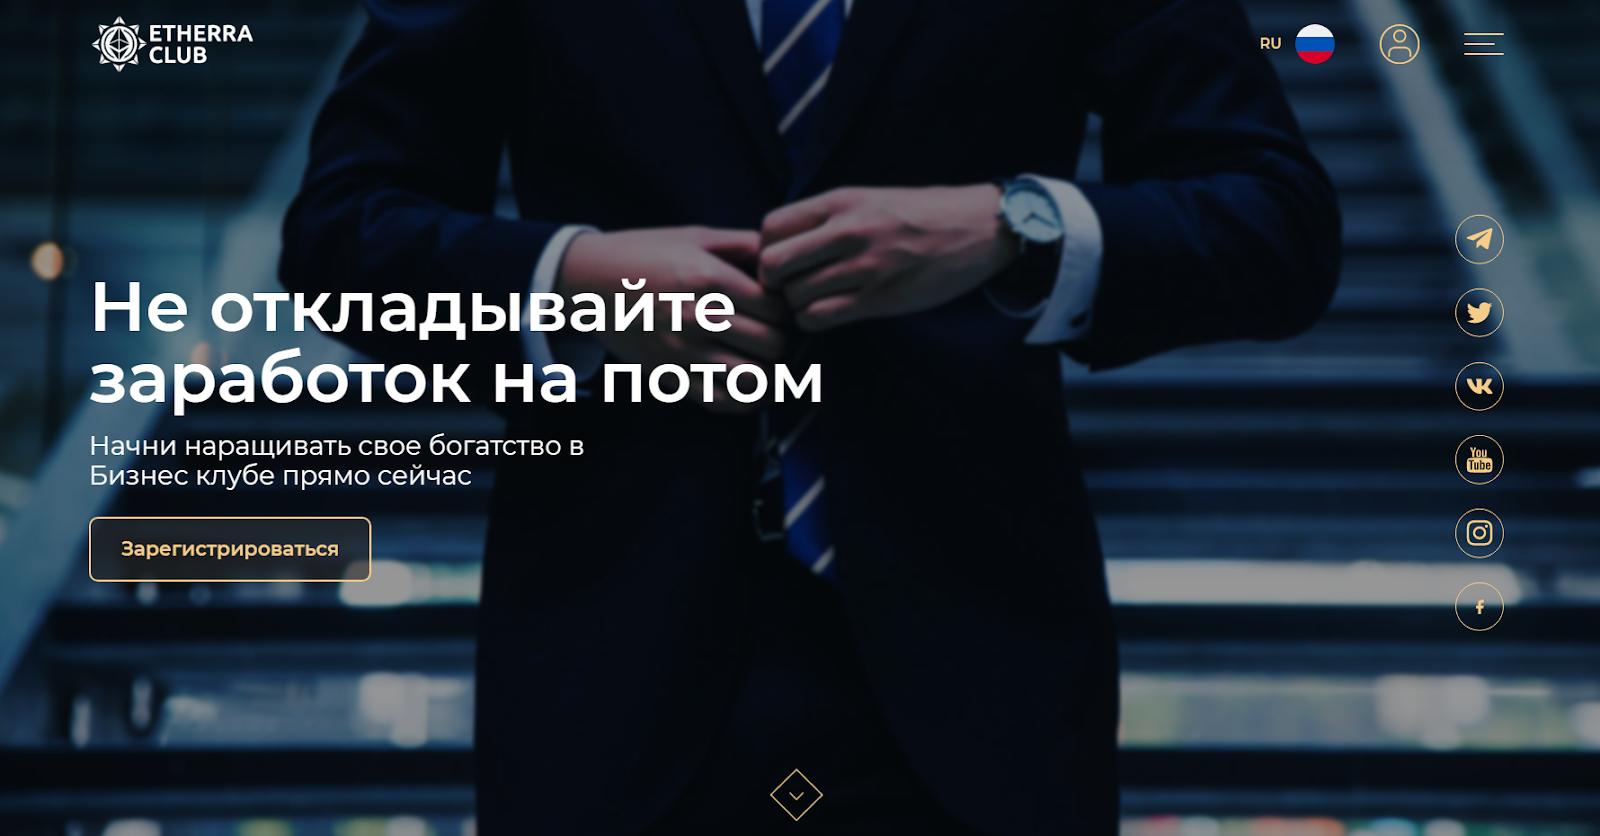 Обзор площадки Etherra Club: условия сотрудничества и отзывы инвесторов